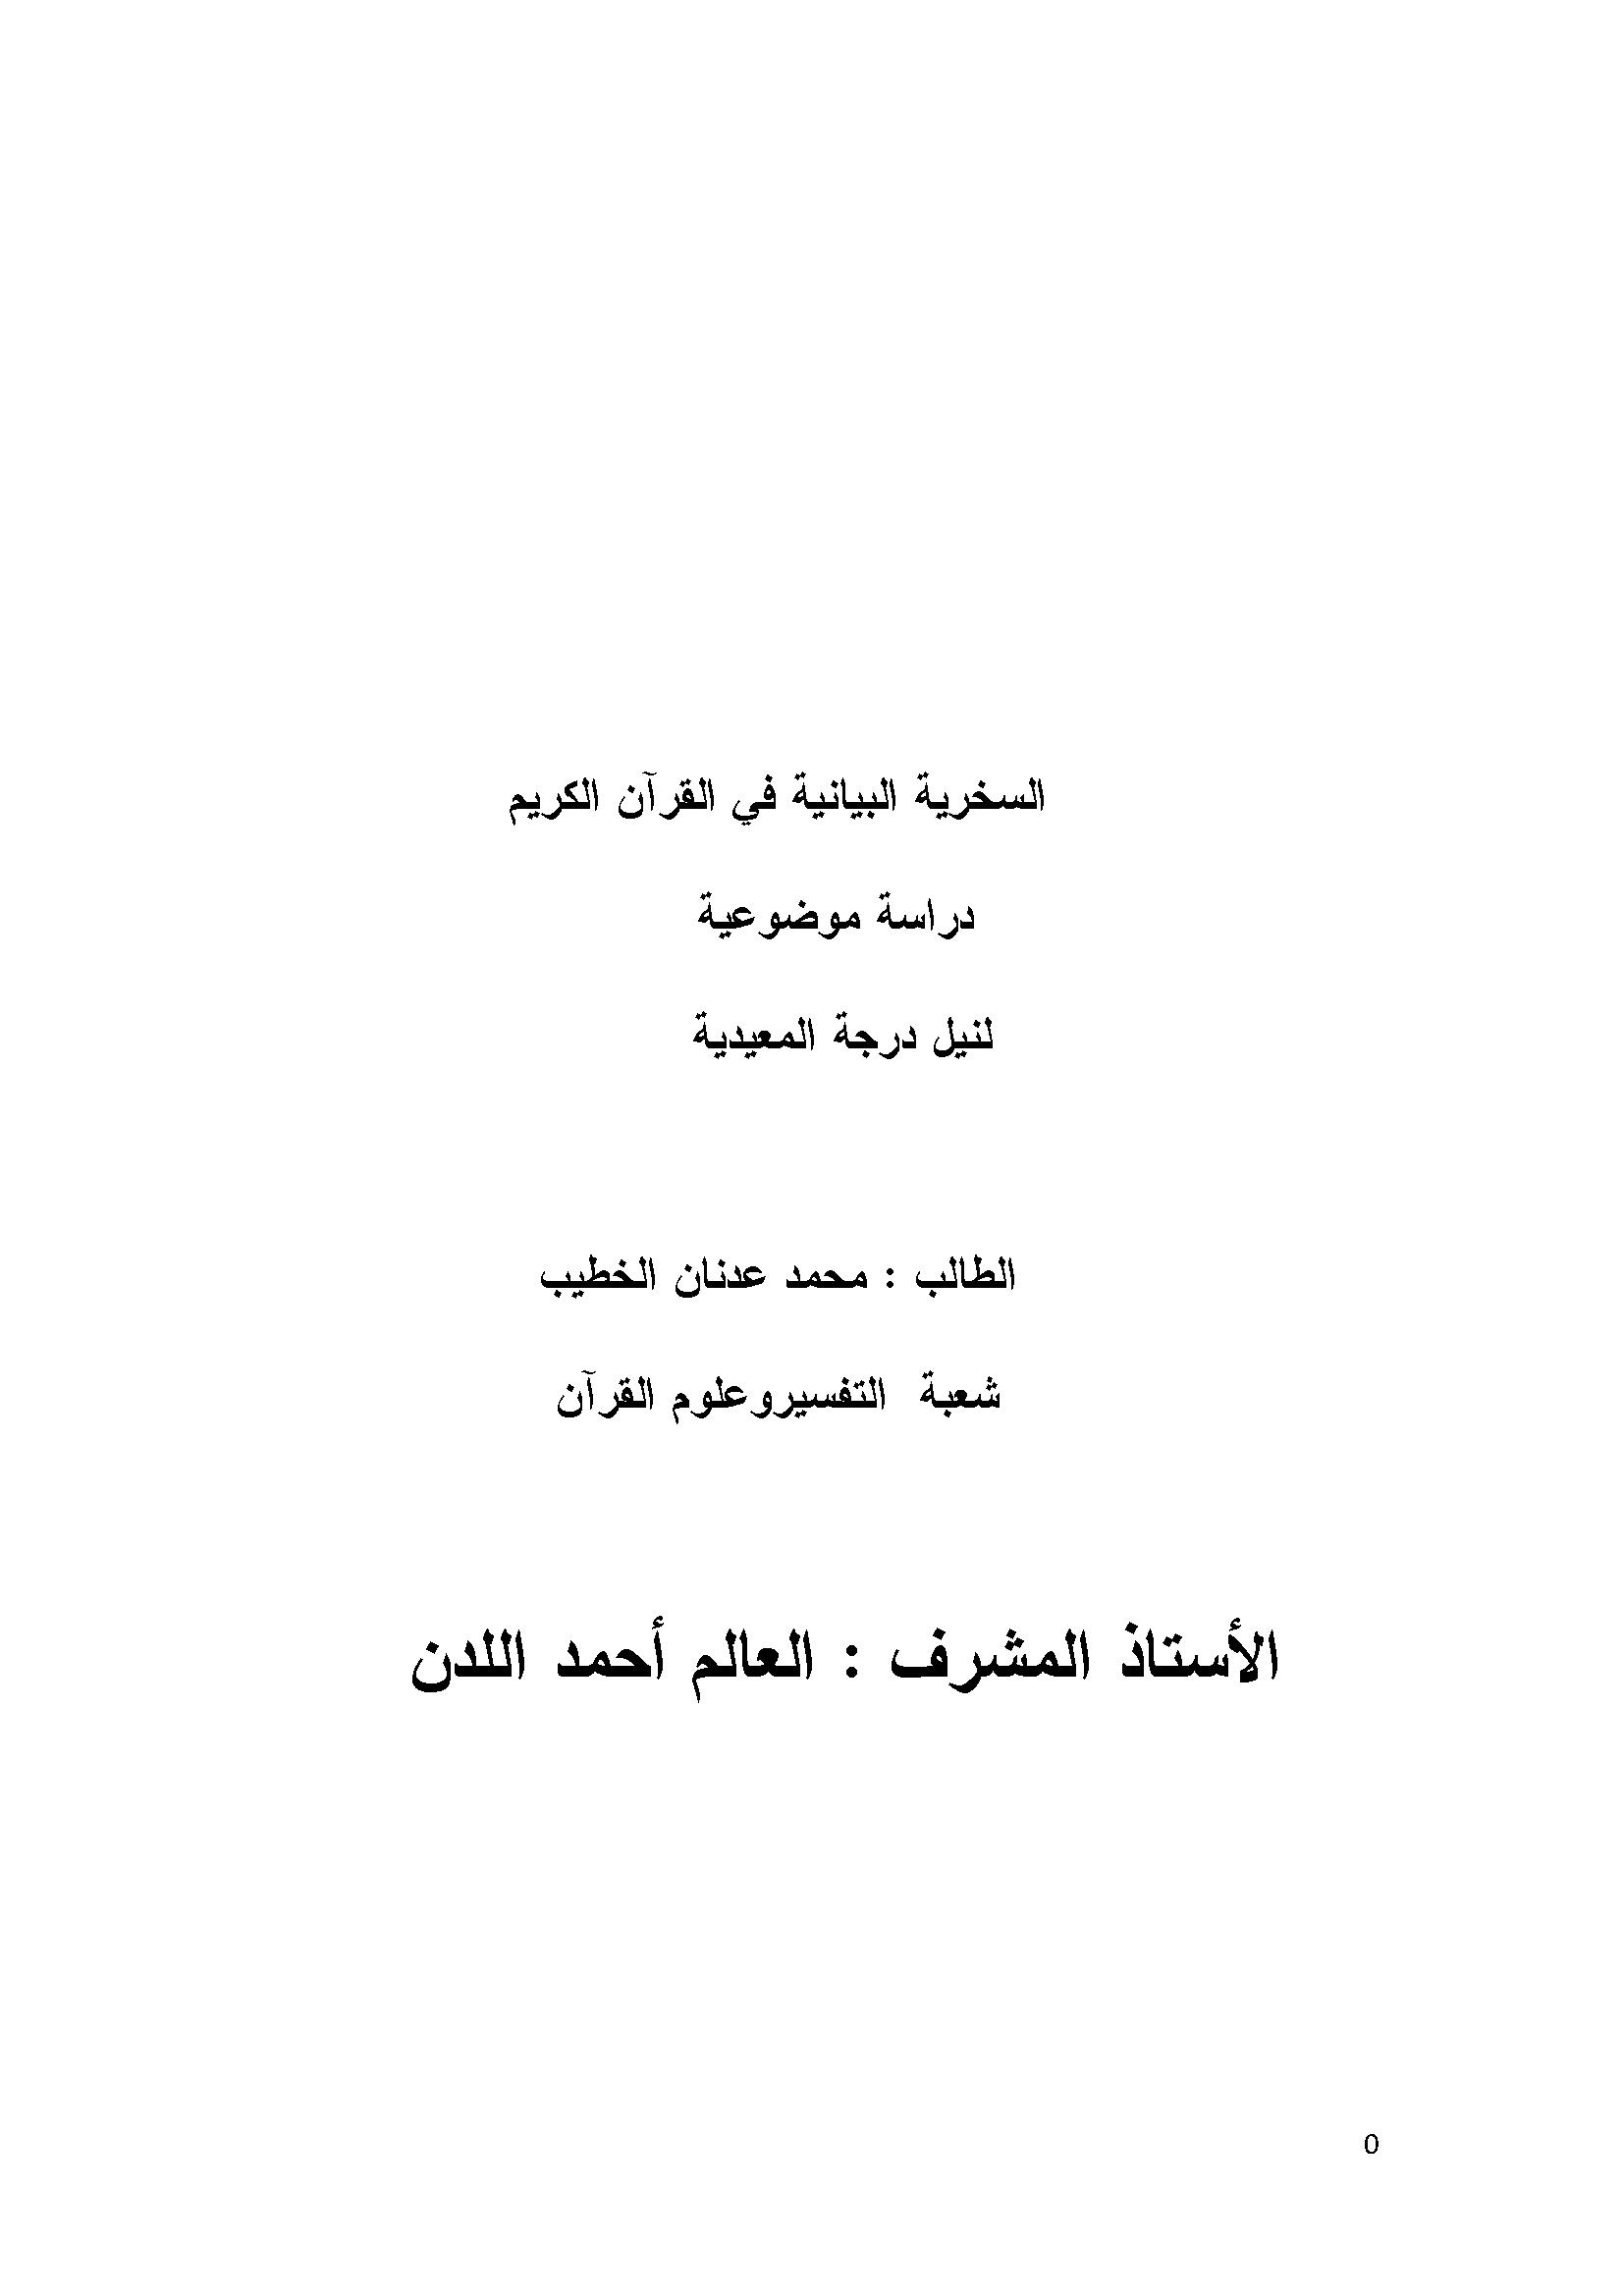 تحميل كتاب السخرية البيانية في القرآن الكريم (دراسة موضوعية) لـِ: محمد عدنان الخطيب